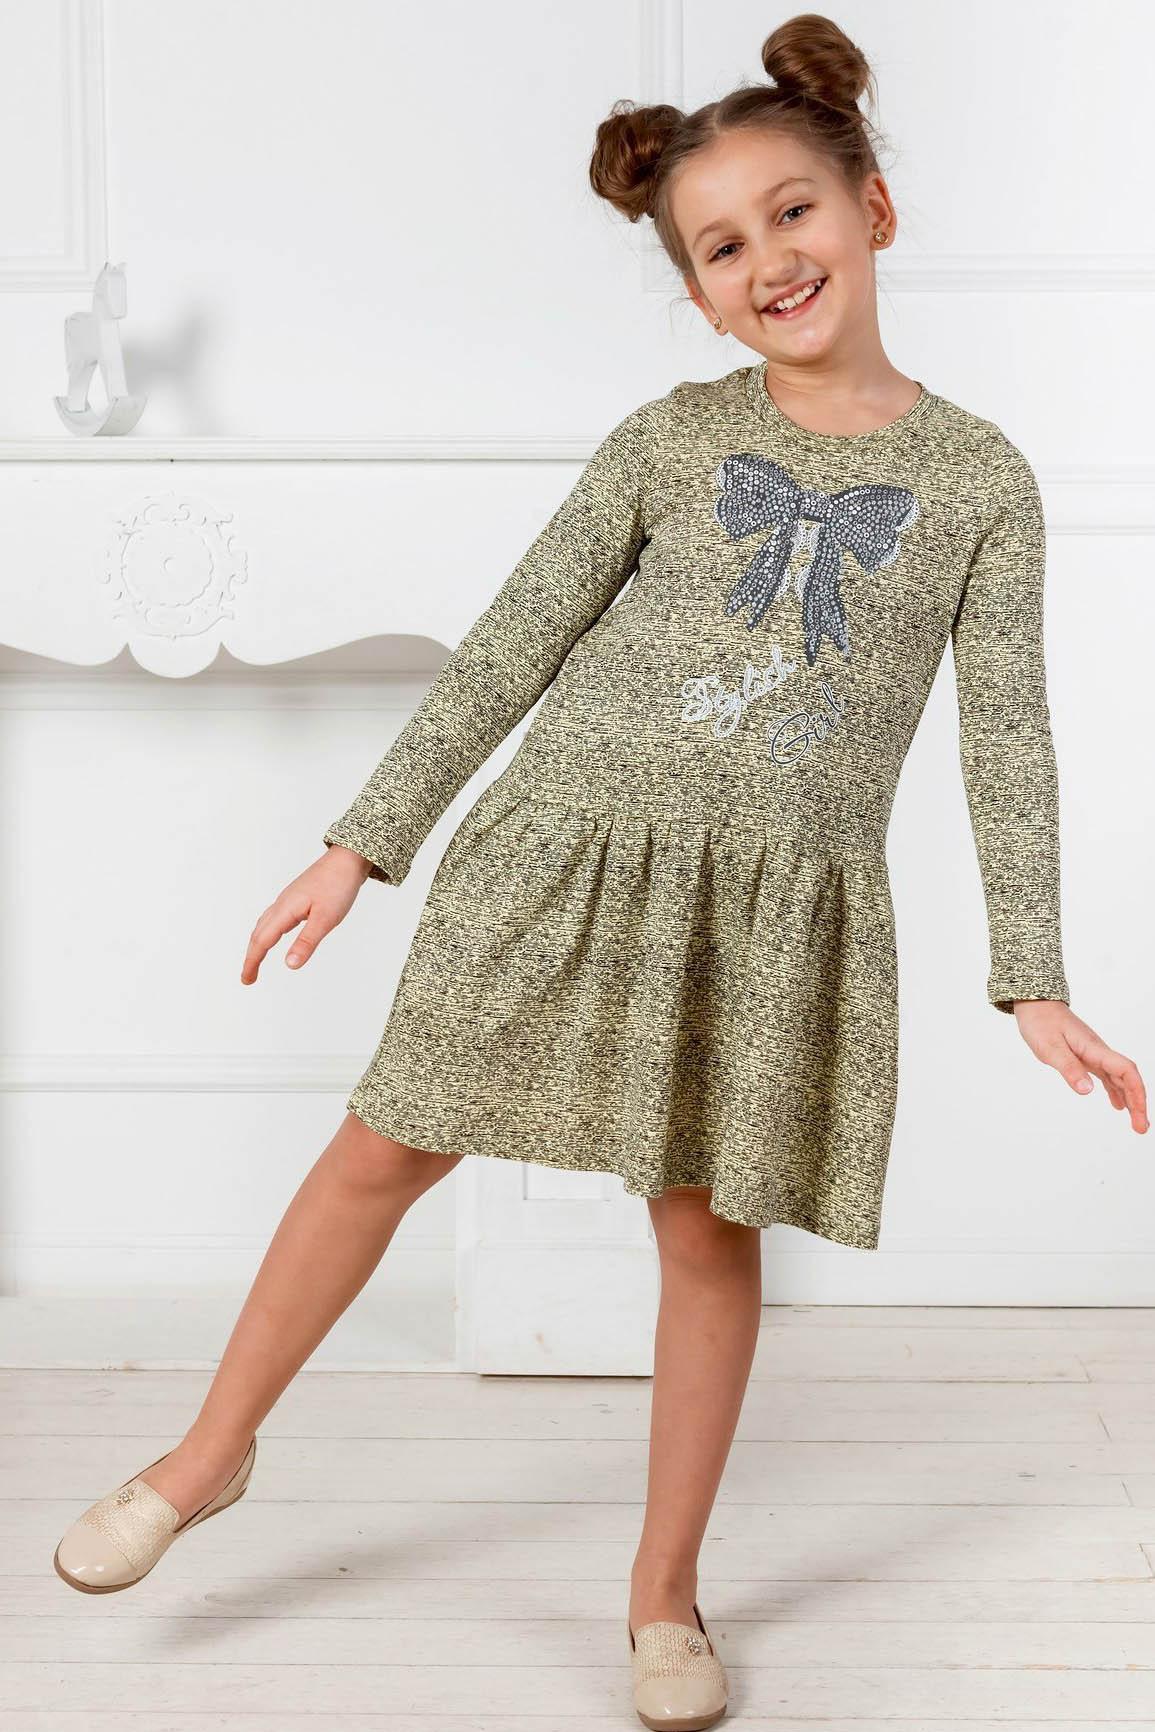 Детская домашняя одежда Pastilla Платье Маленькая Леди (7 лет) маленькая фея детская одежда